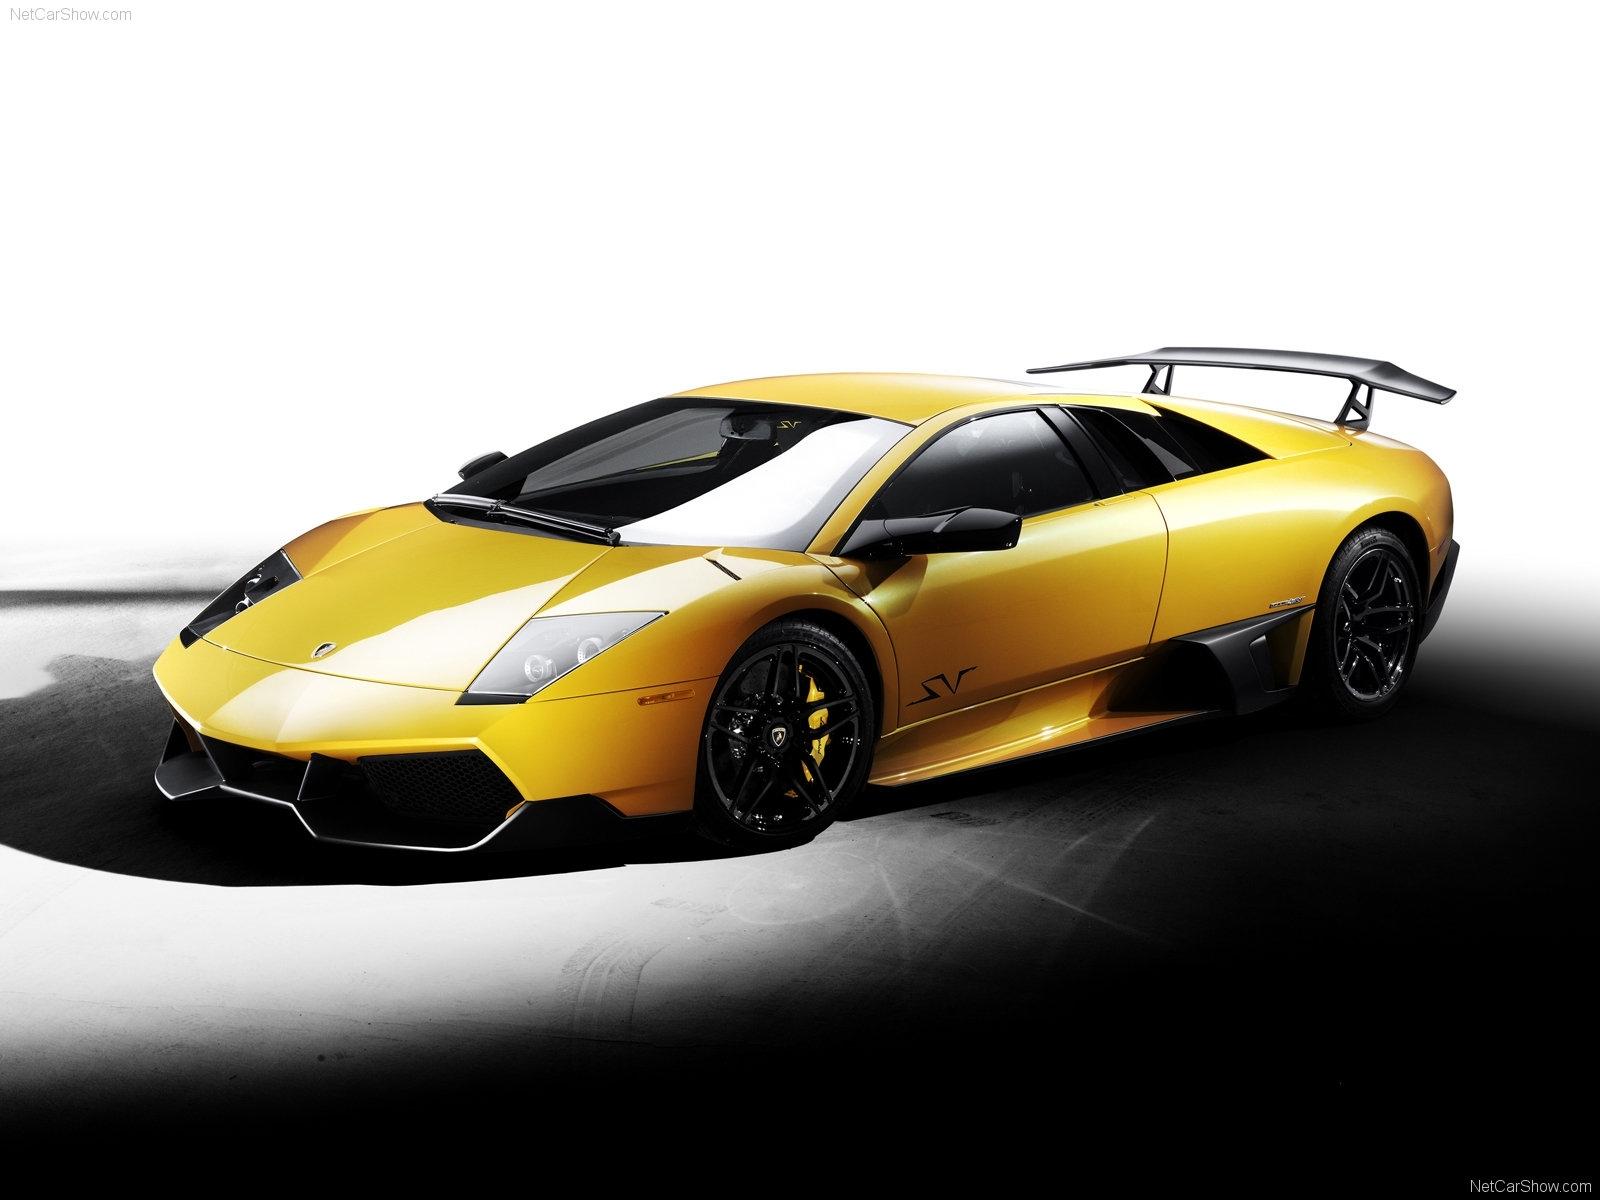 4811 скачать обои Транспорт, Машины, Ламборджини (Lamborghini) - заставки и картинки бесплатно